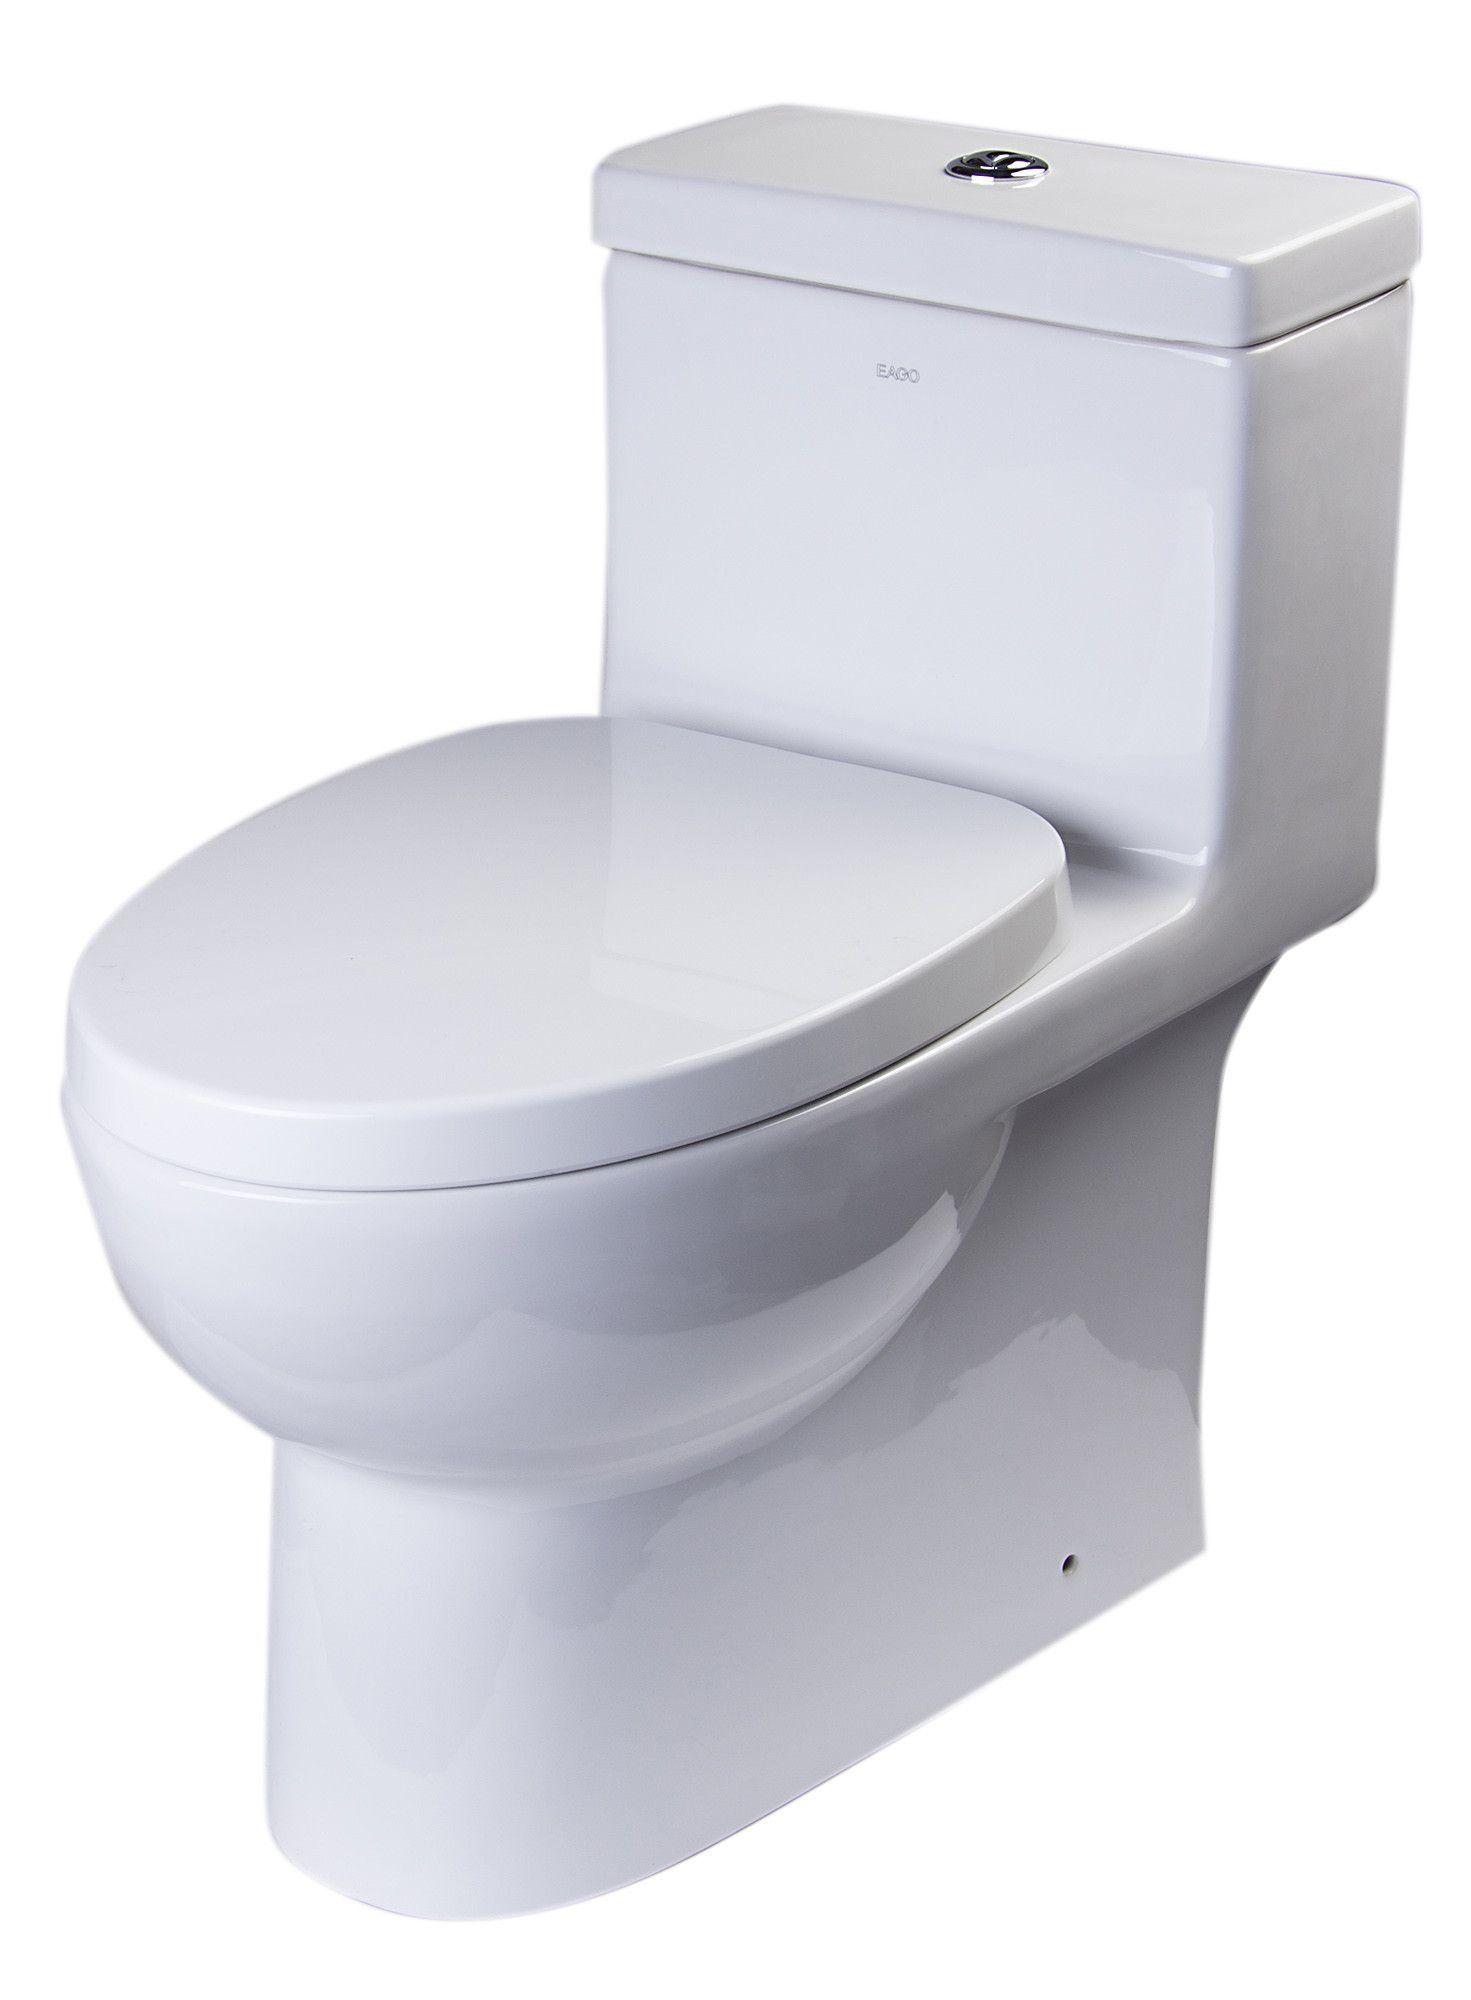 Eago tb359 dual flush one piece eco-friendly high efficiency low ...